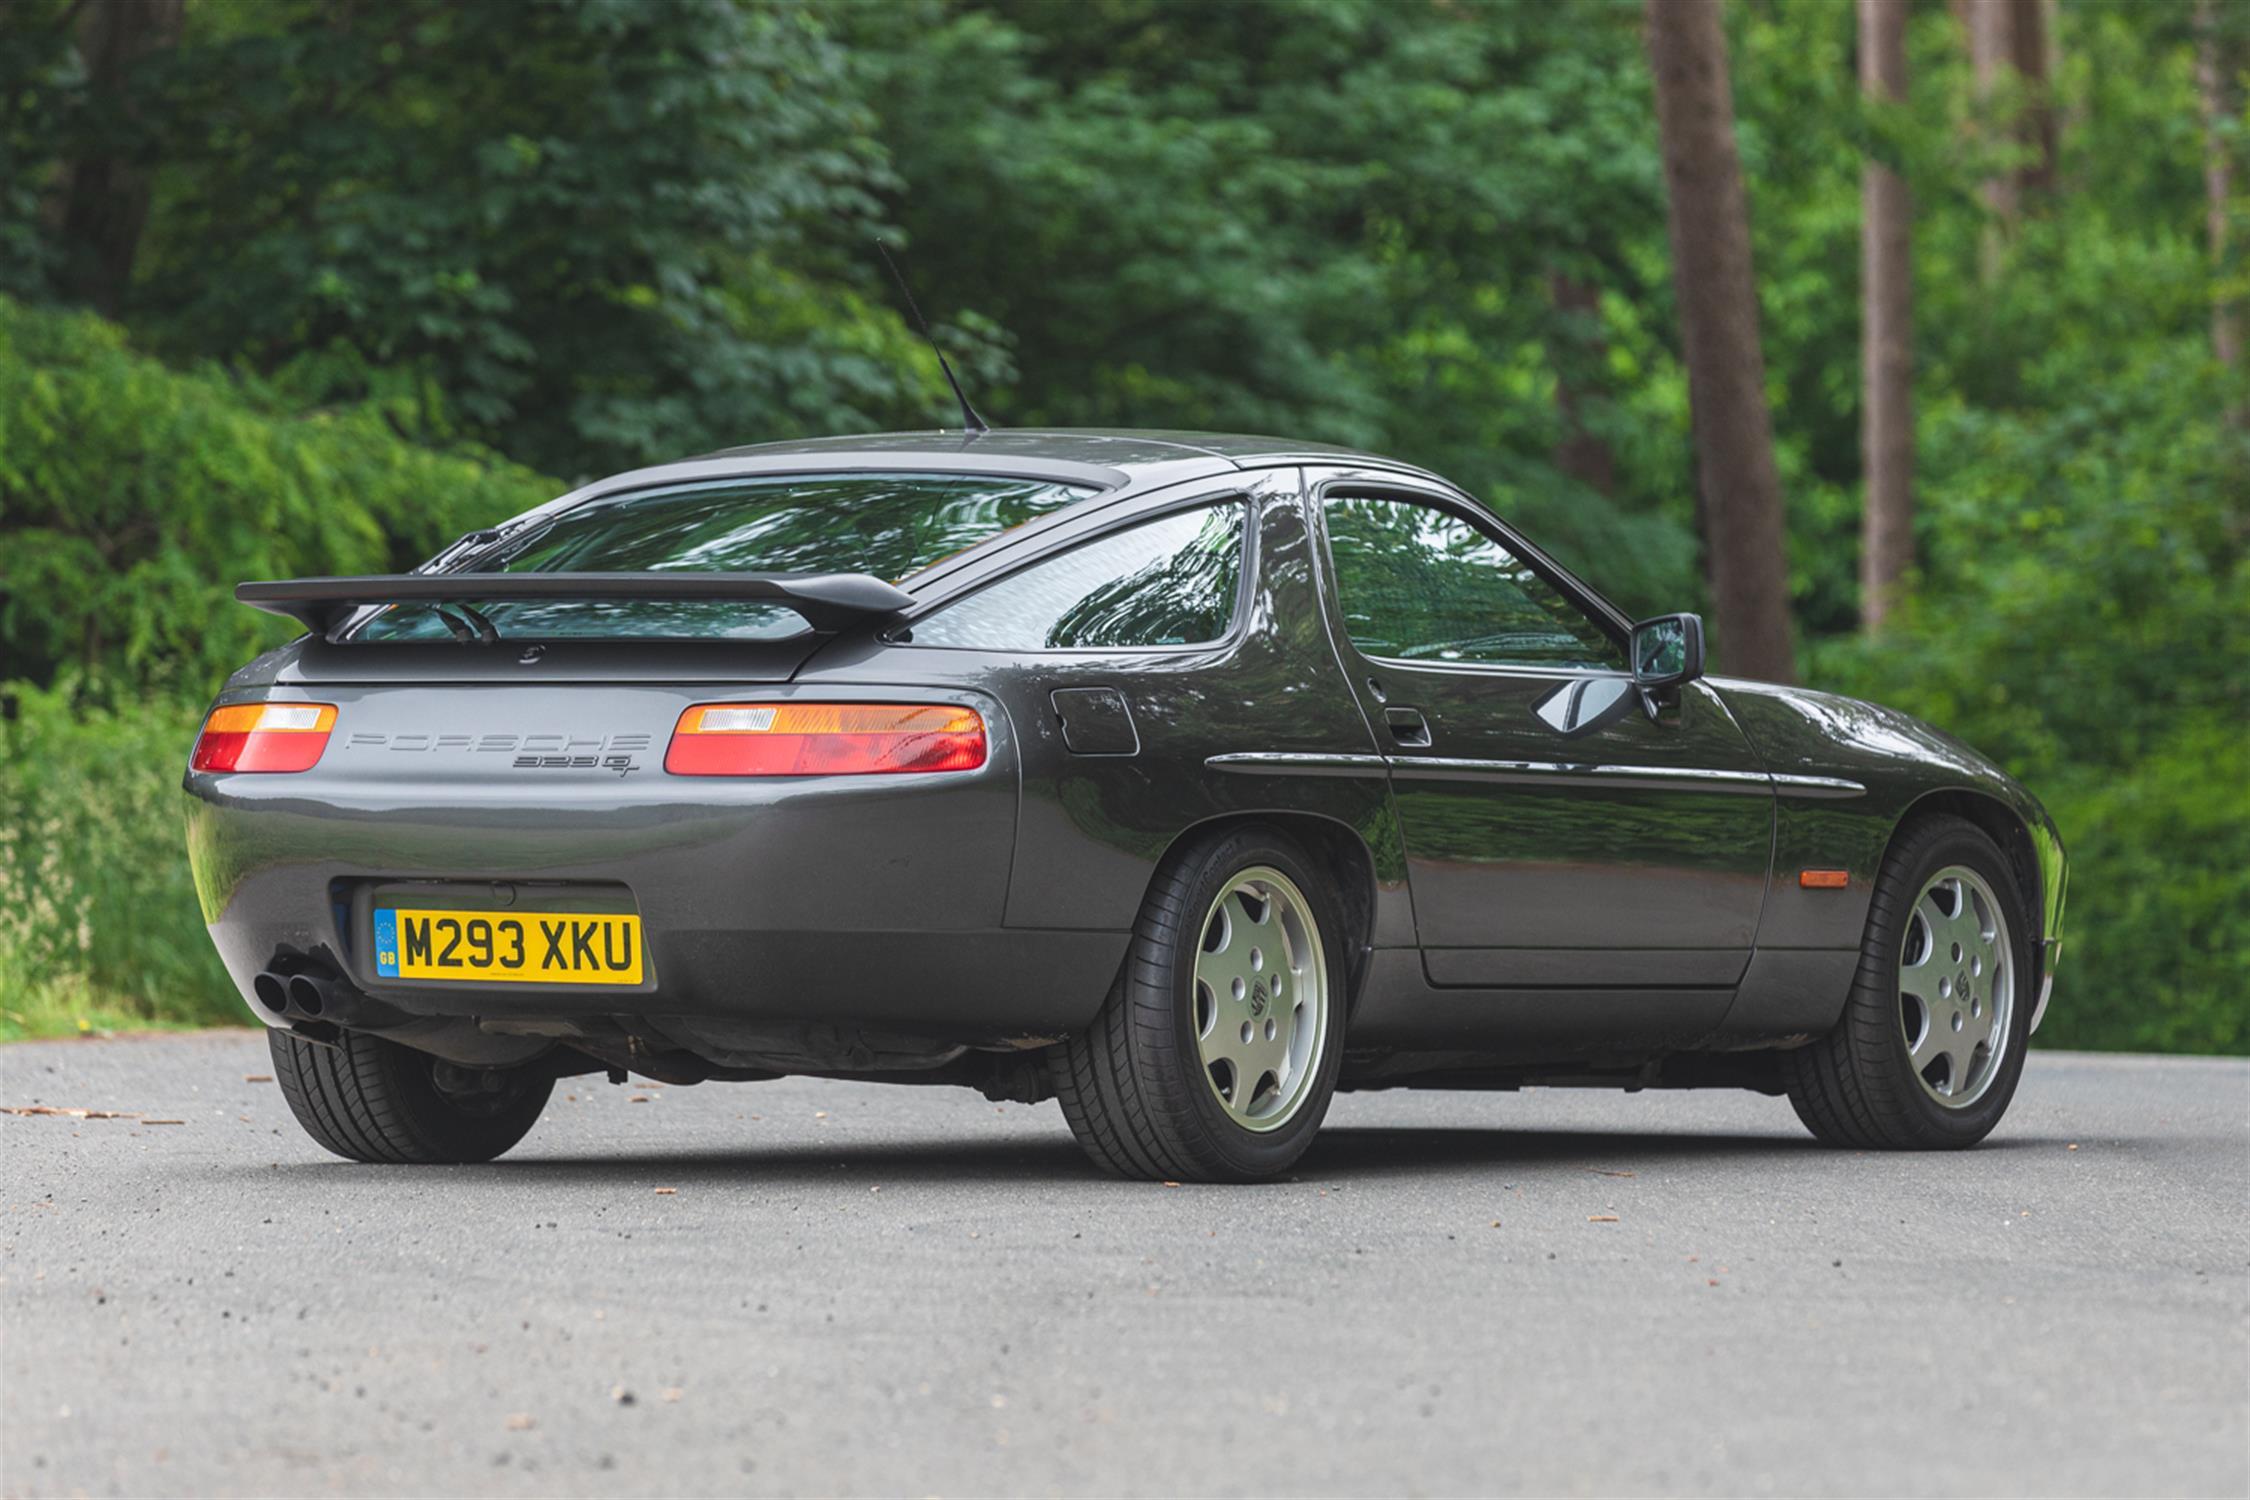 1991 Porsche 928 GT - Image 2 of 10